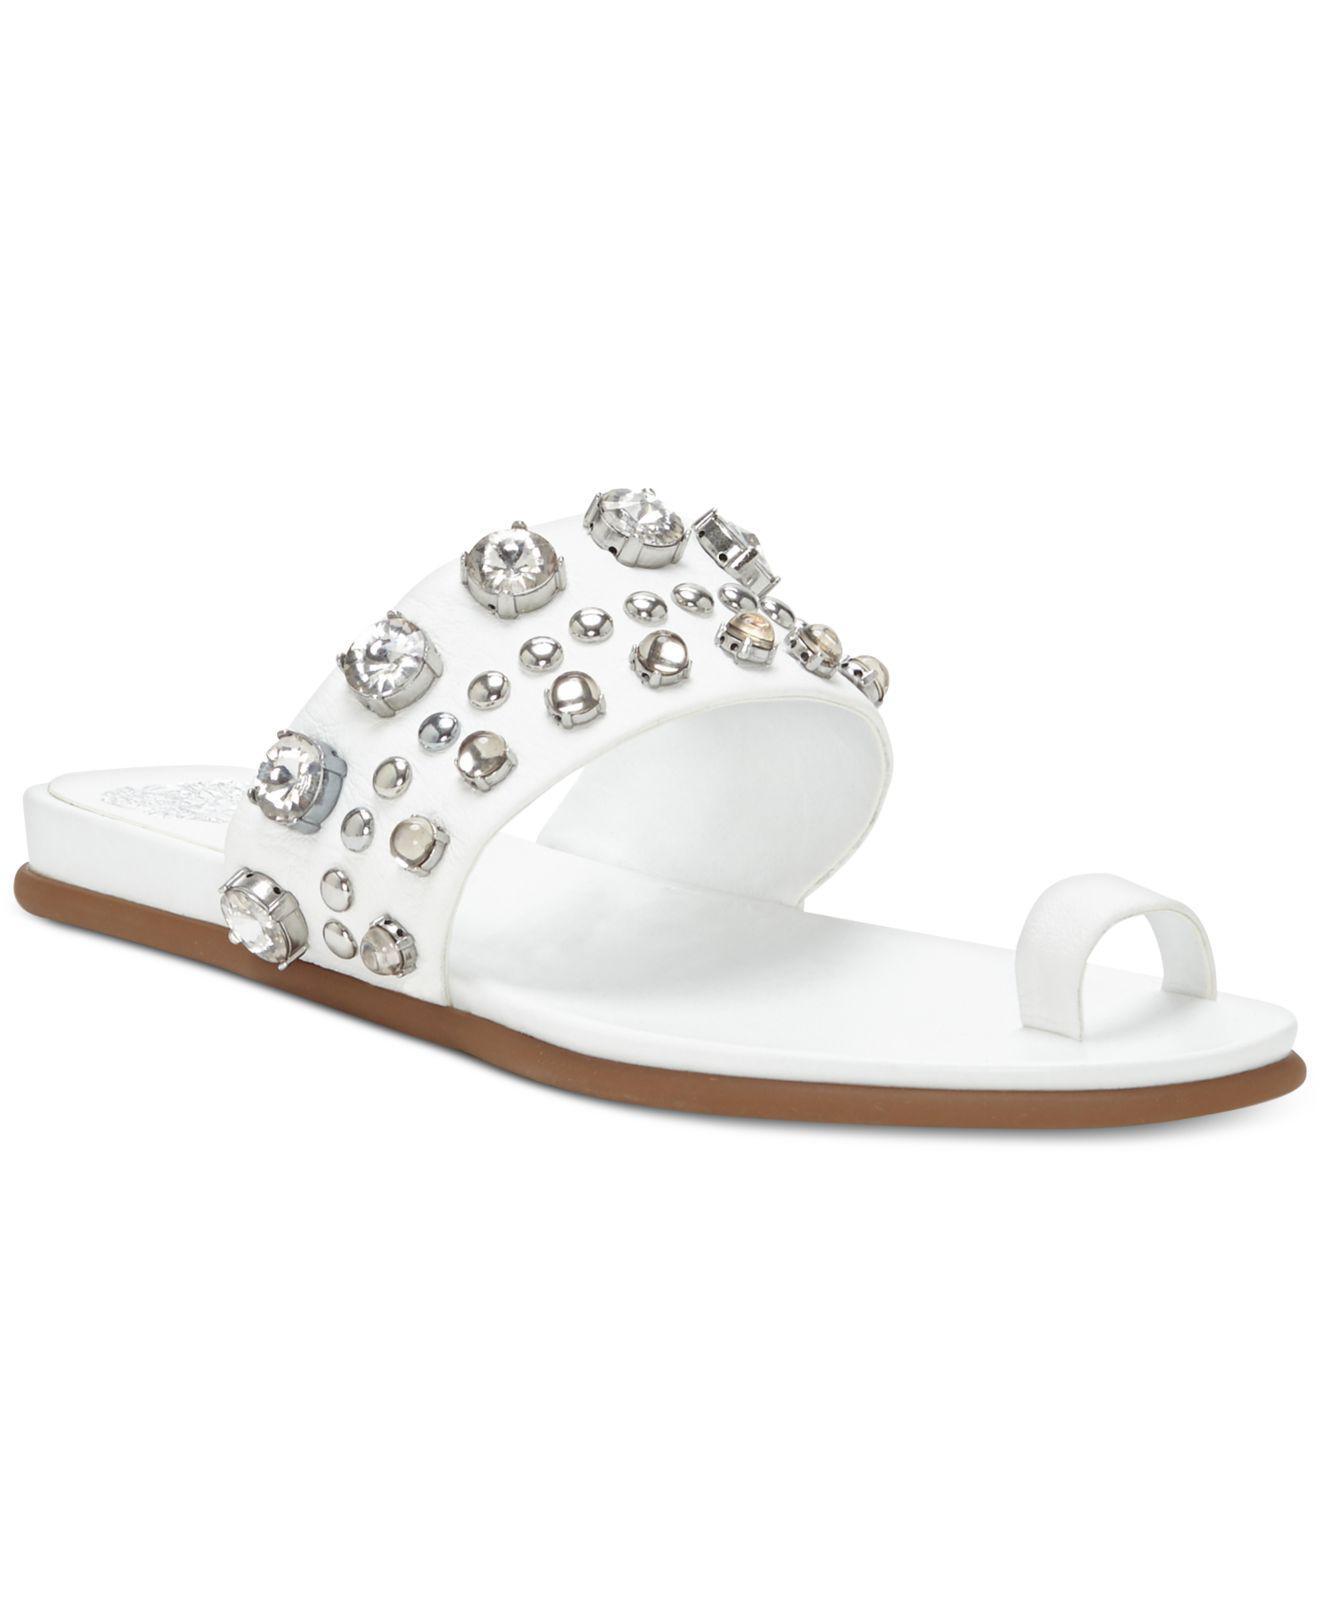 Women's Emmerly Slide Sandal